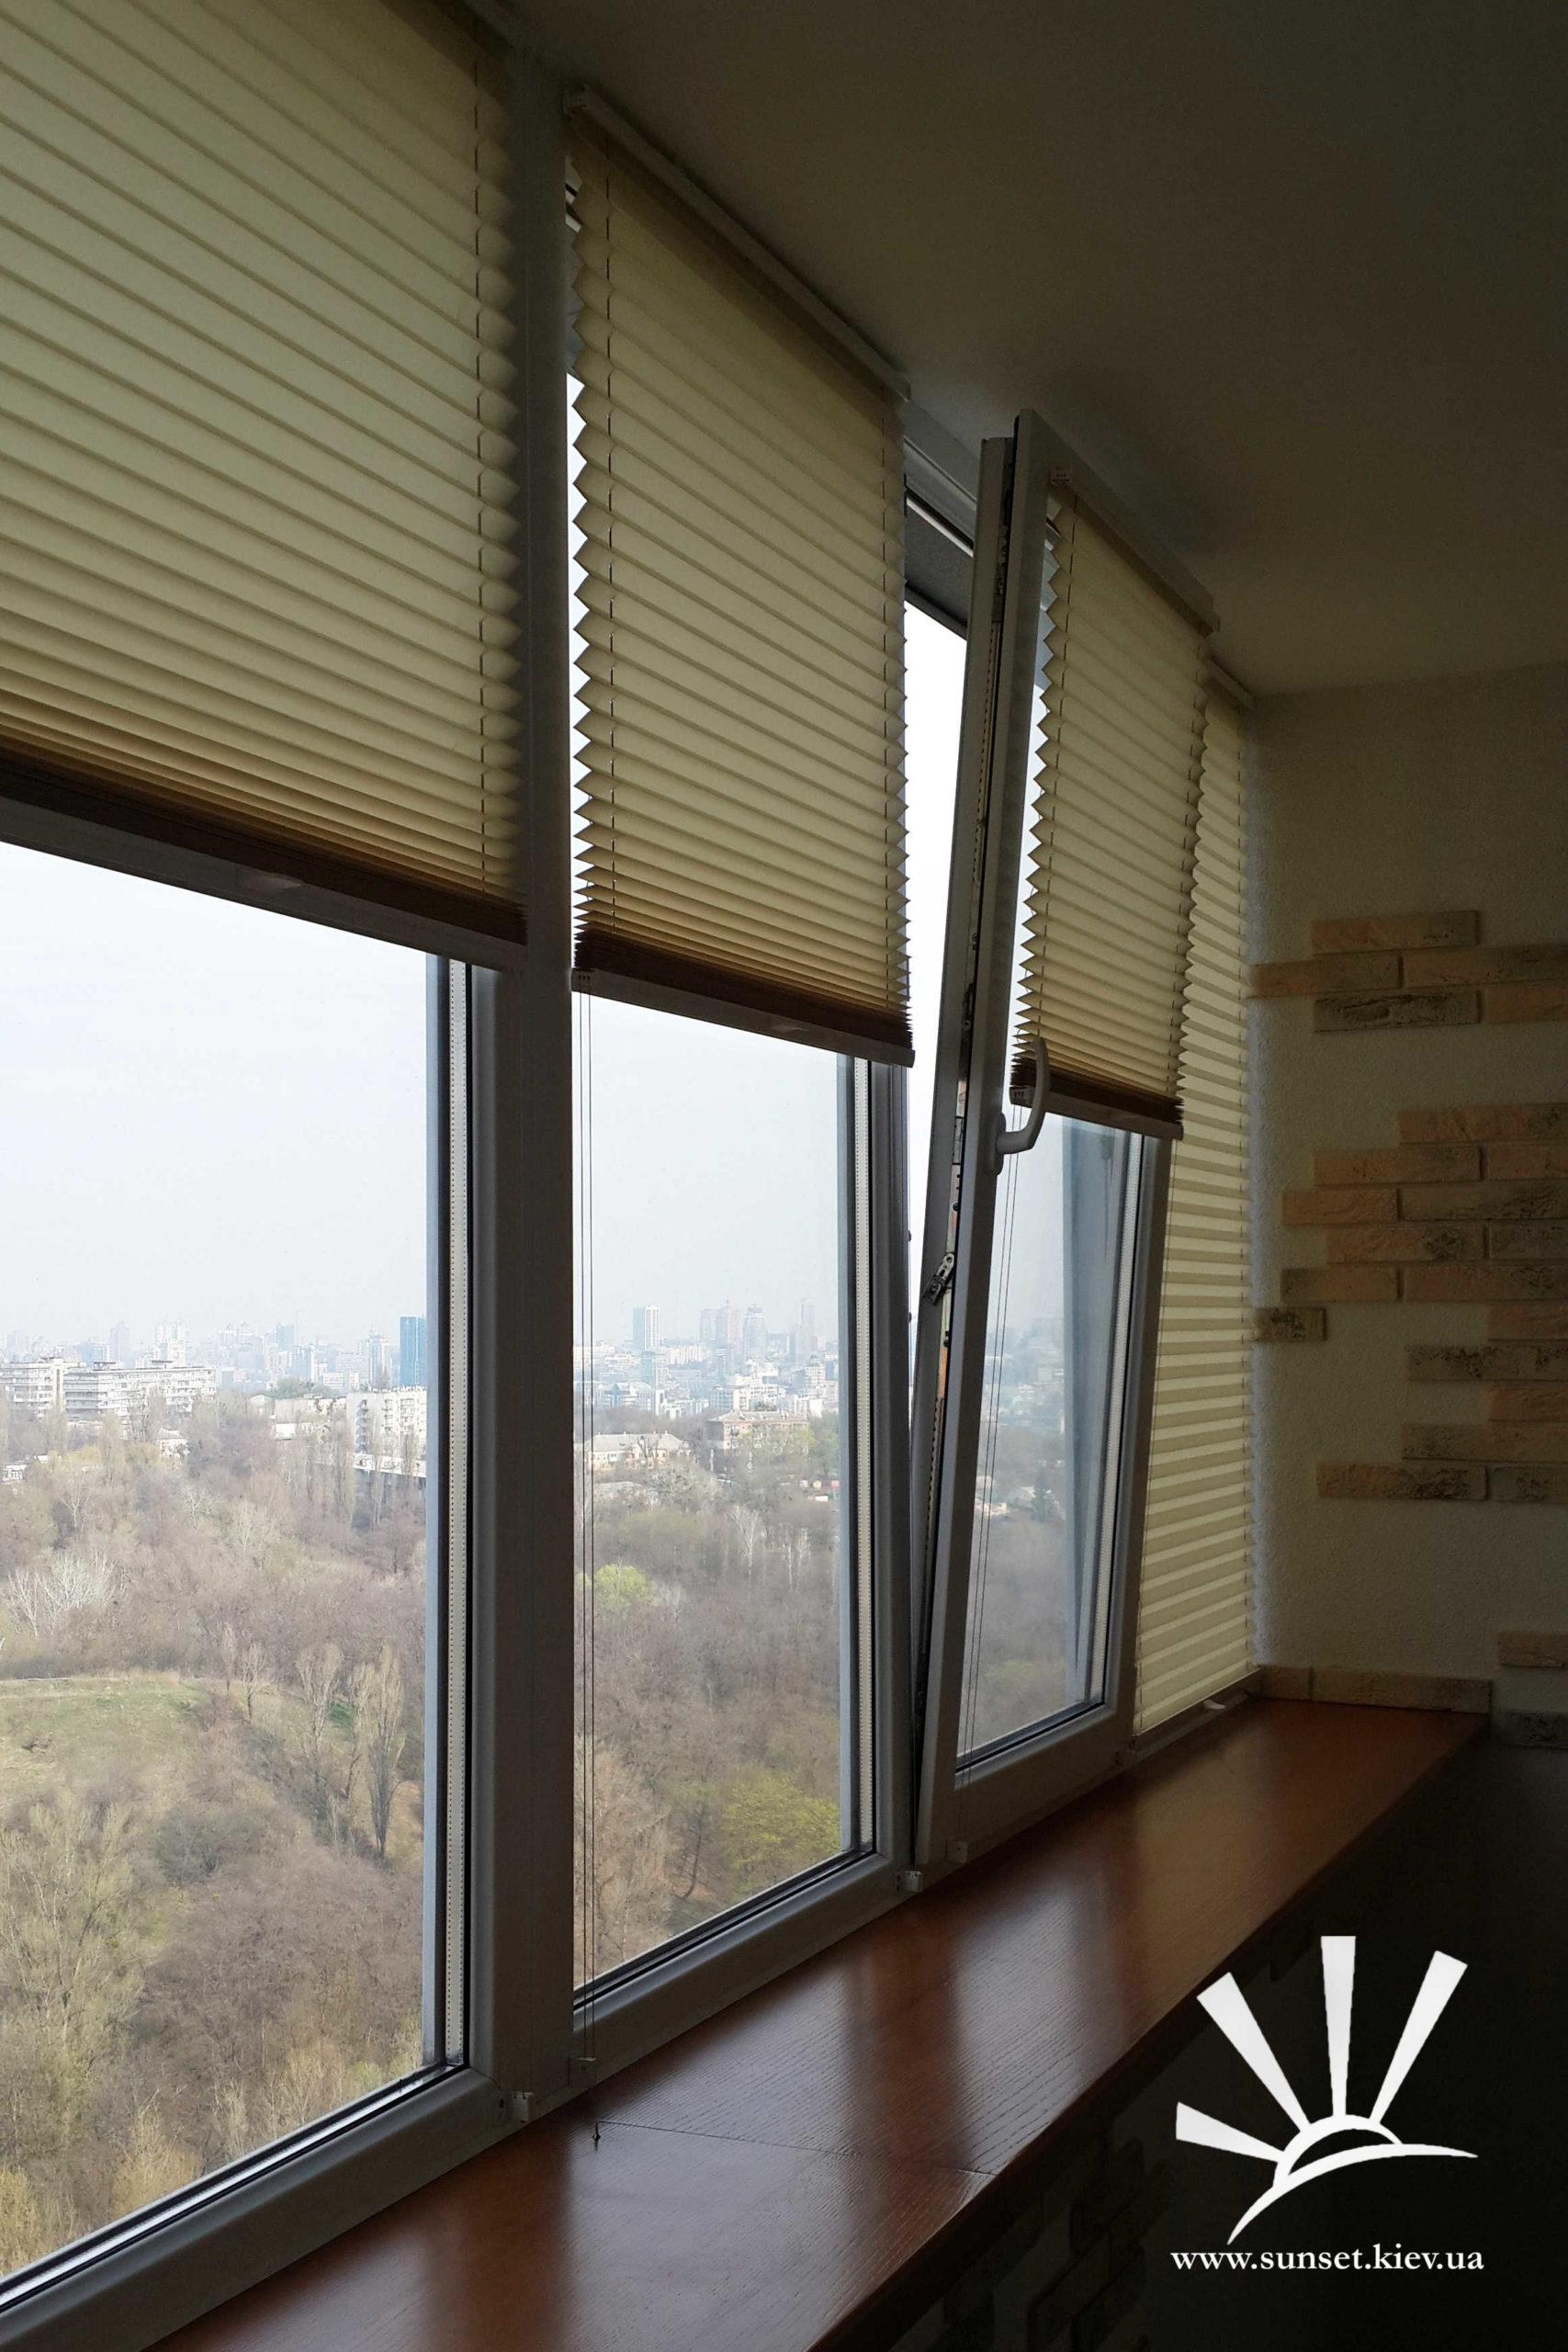 як повісити жалюзі на балконі фото